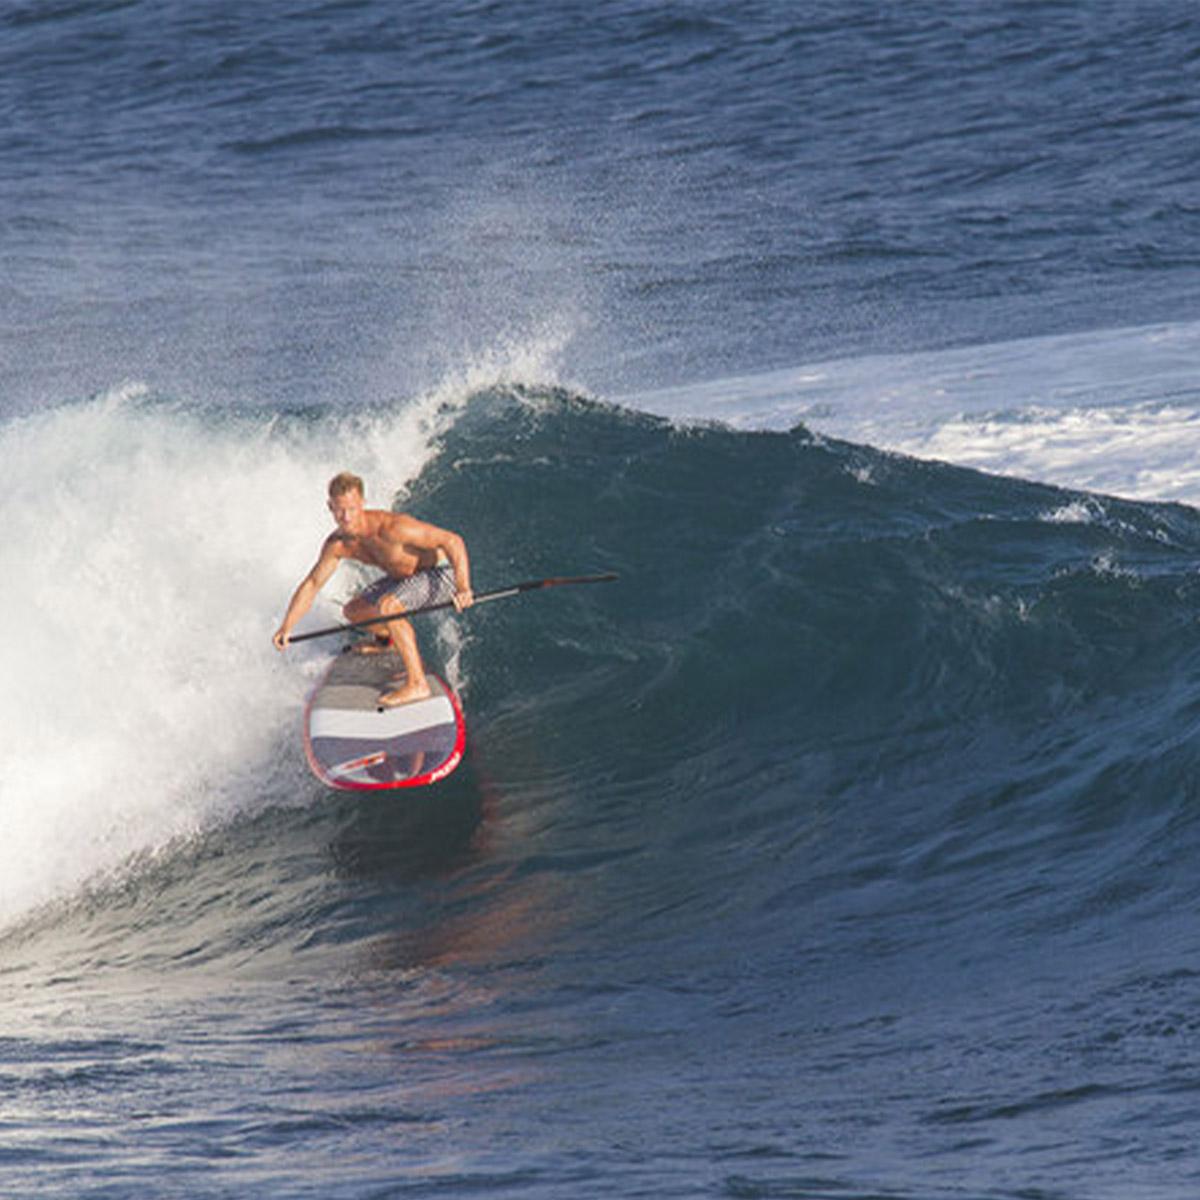 jp-surf-wide-pro-sup-board-2019-actionshot-3